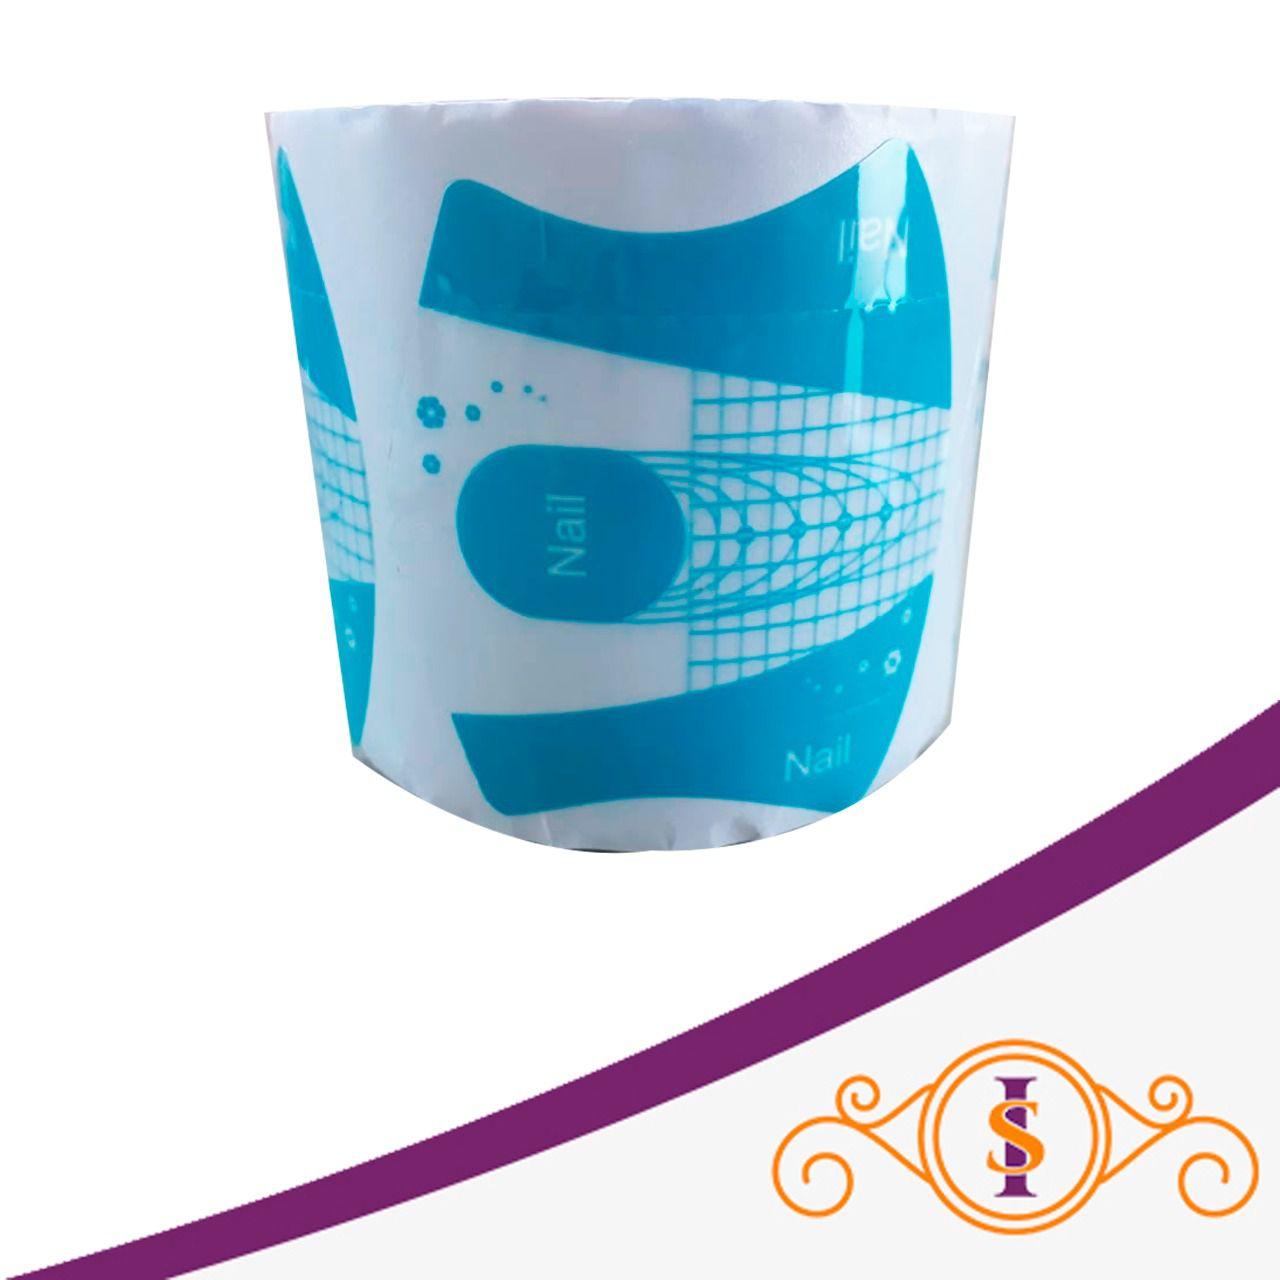 Molde de plástico azul - 300 unidades - Nail